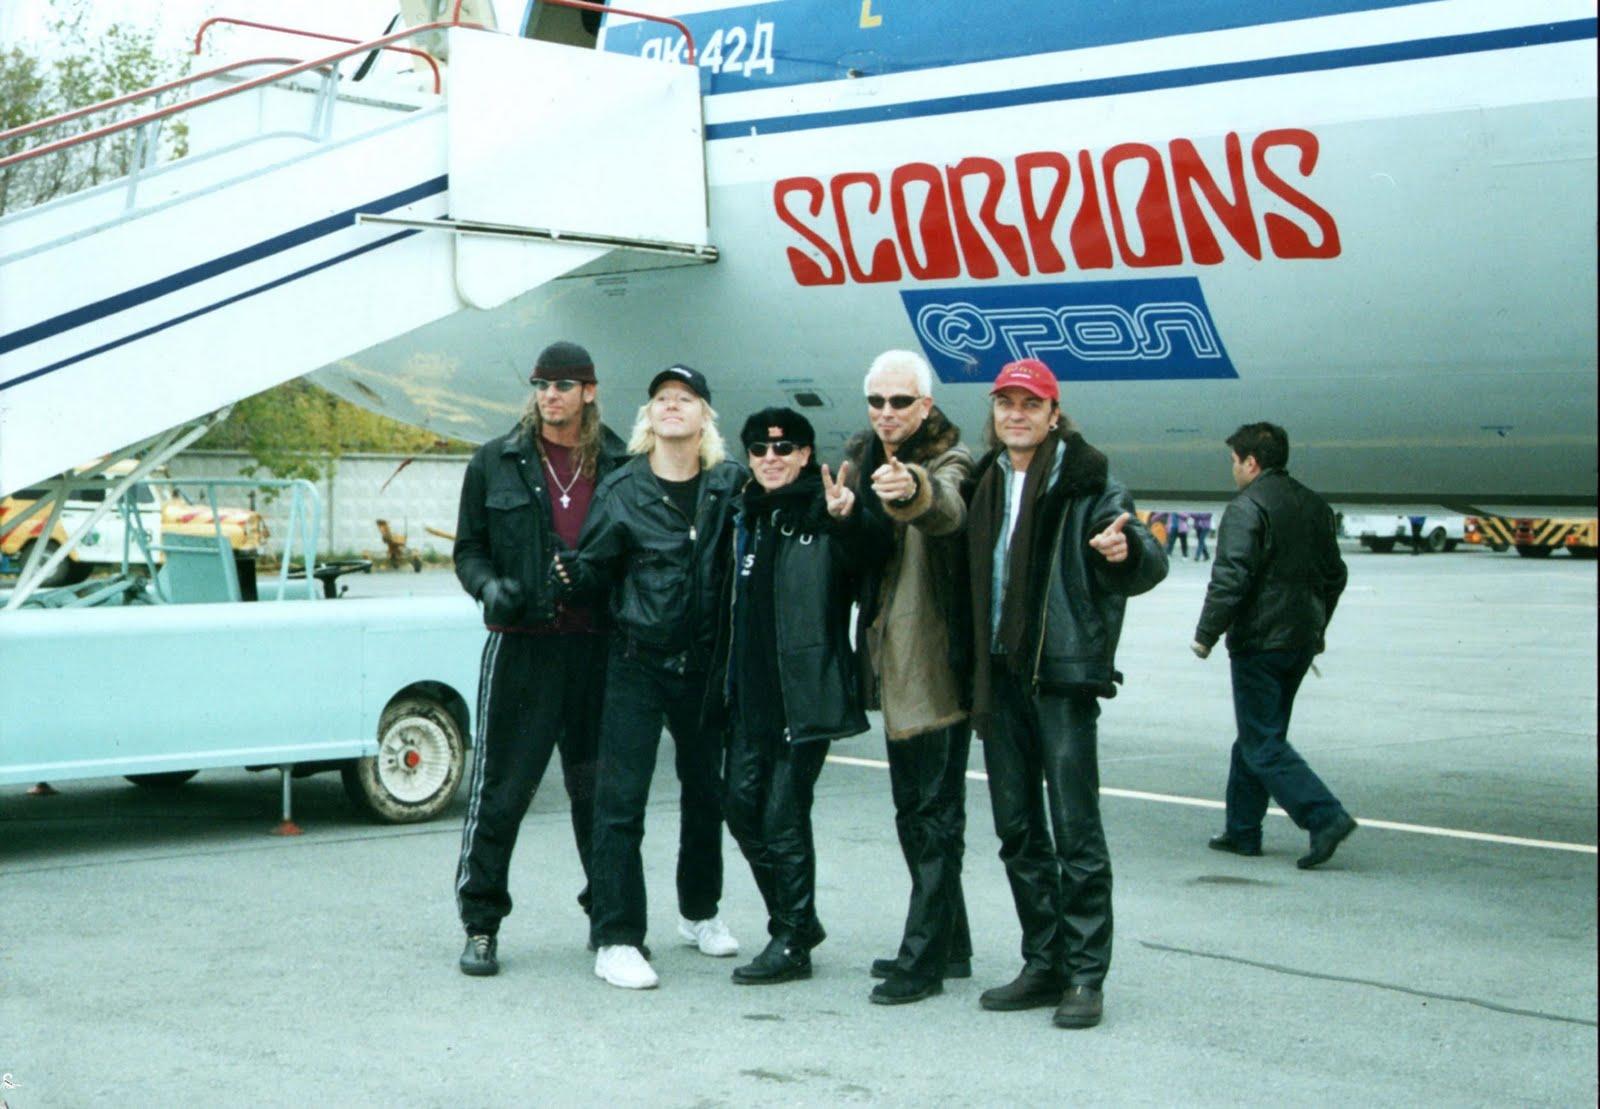 Tour de 50 anos dos Scorpions no Brasil com setlist e playlist especial